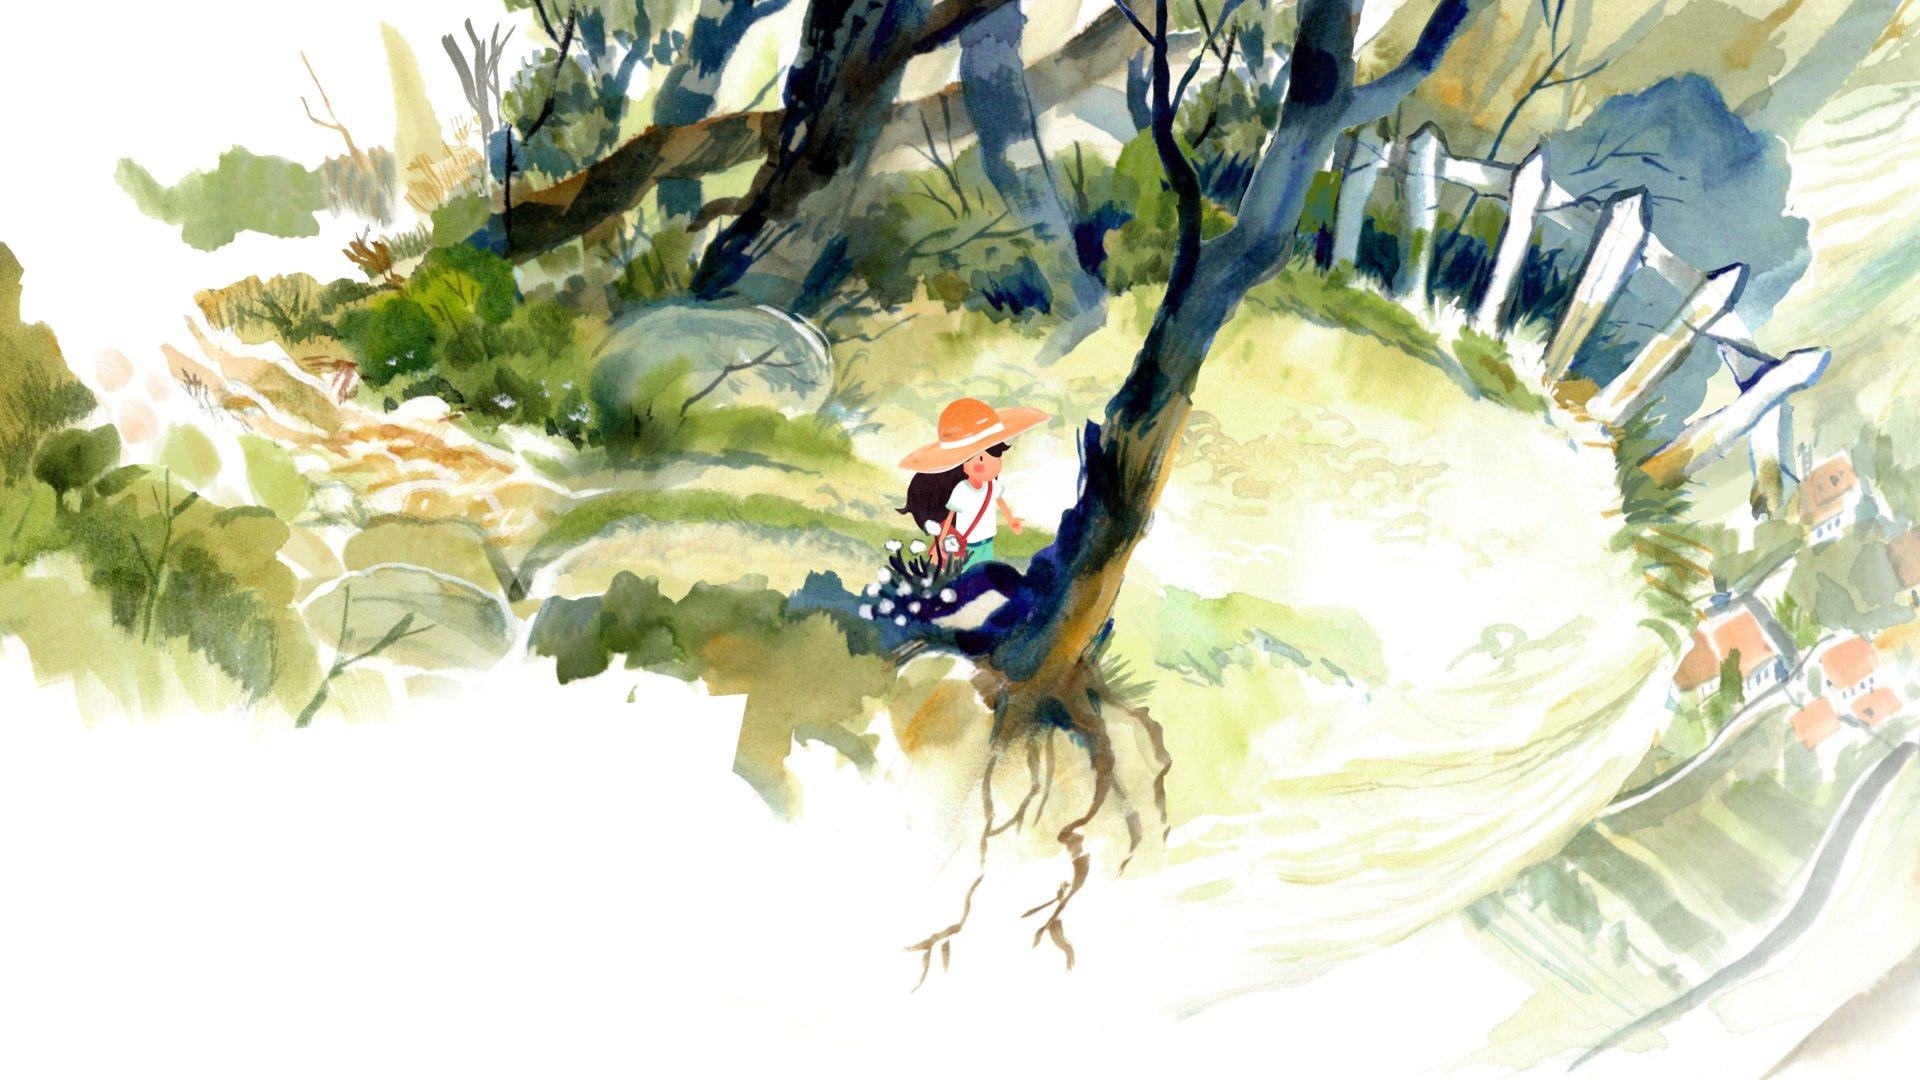 Dordogne : un jeu narratif made in France, tout en aquarelle, se dévoile dans un premier trailer